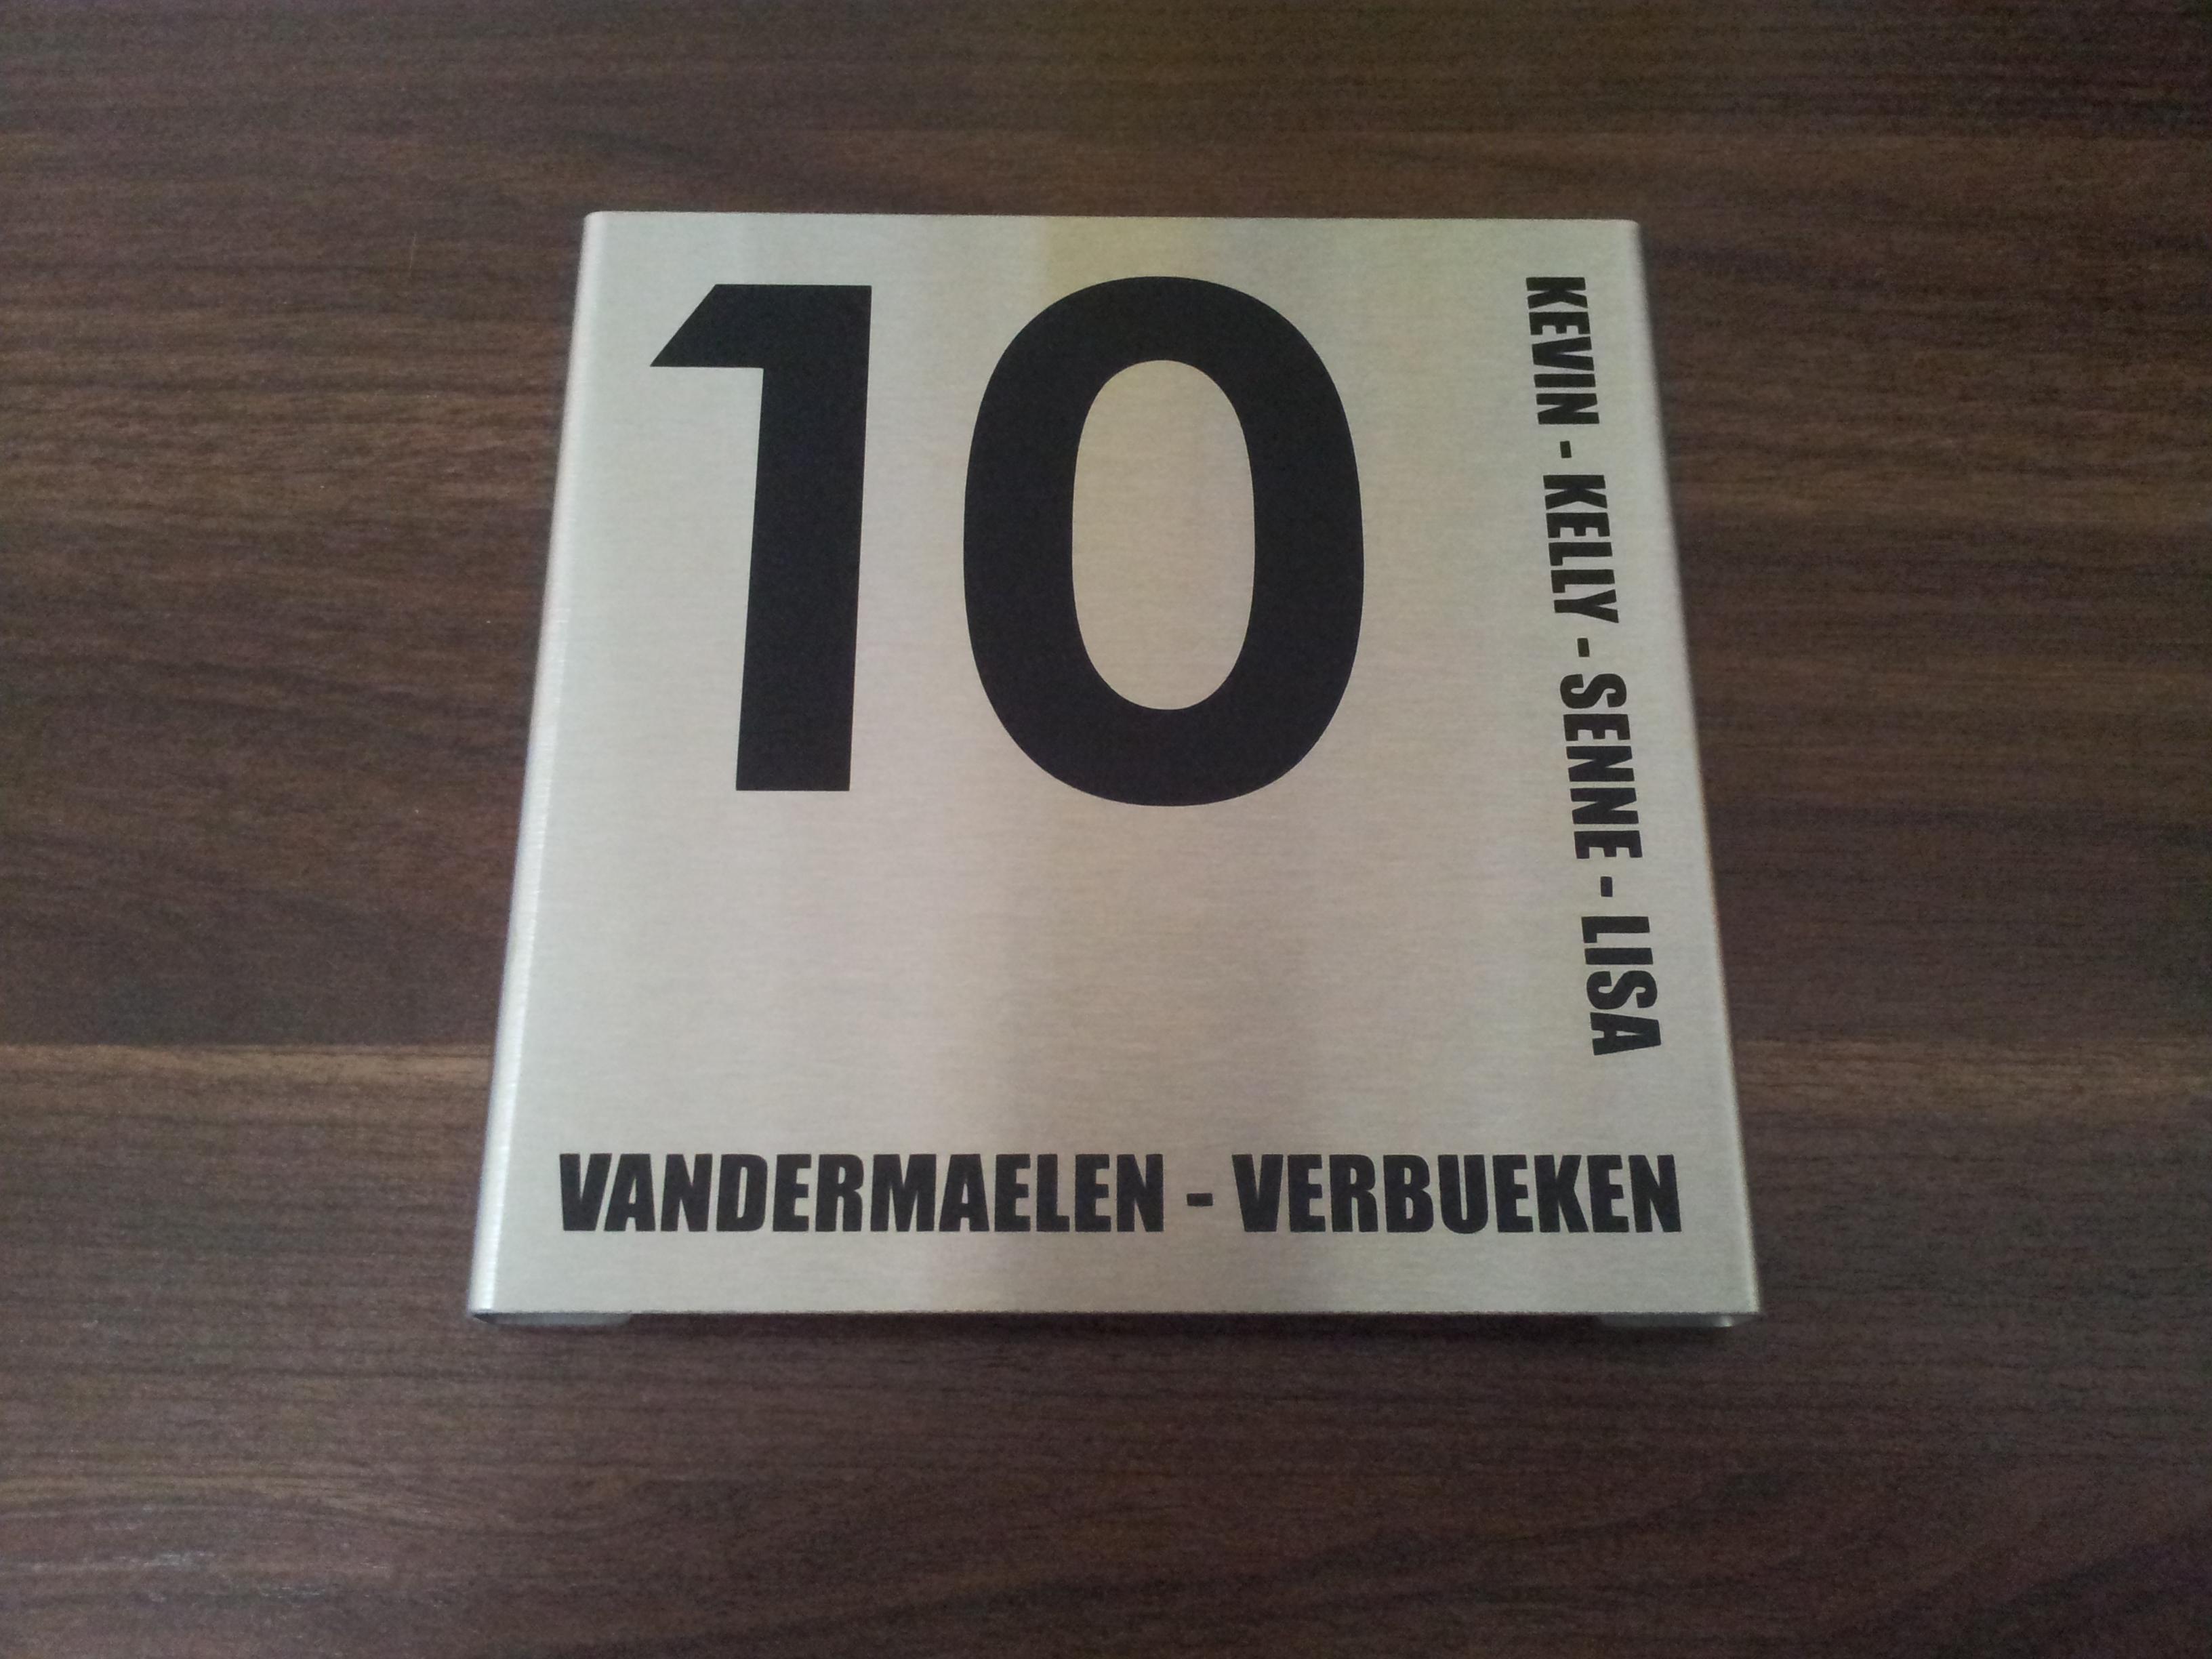 Nieuw Naambord voordeur vierkant 150x150V - NAAMBORDVOORDEEL.NL CK-74